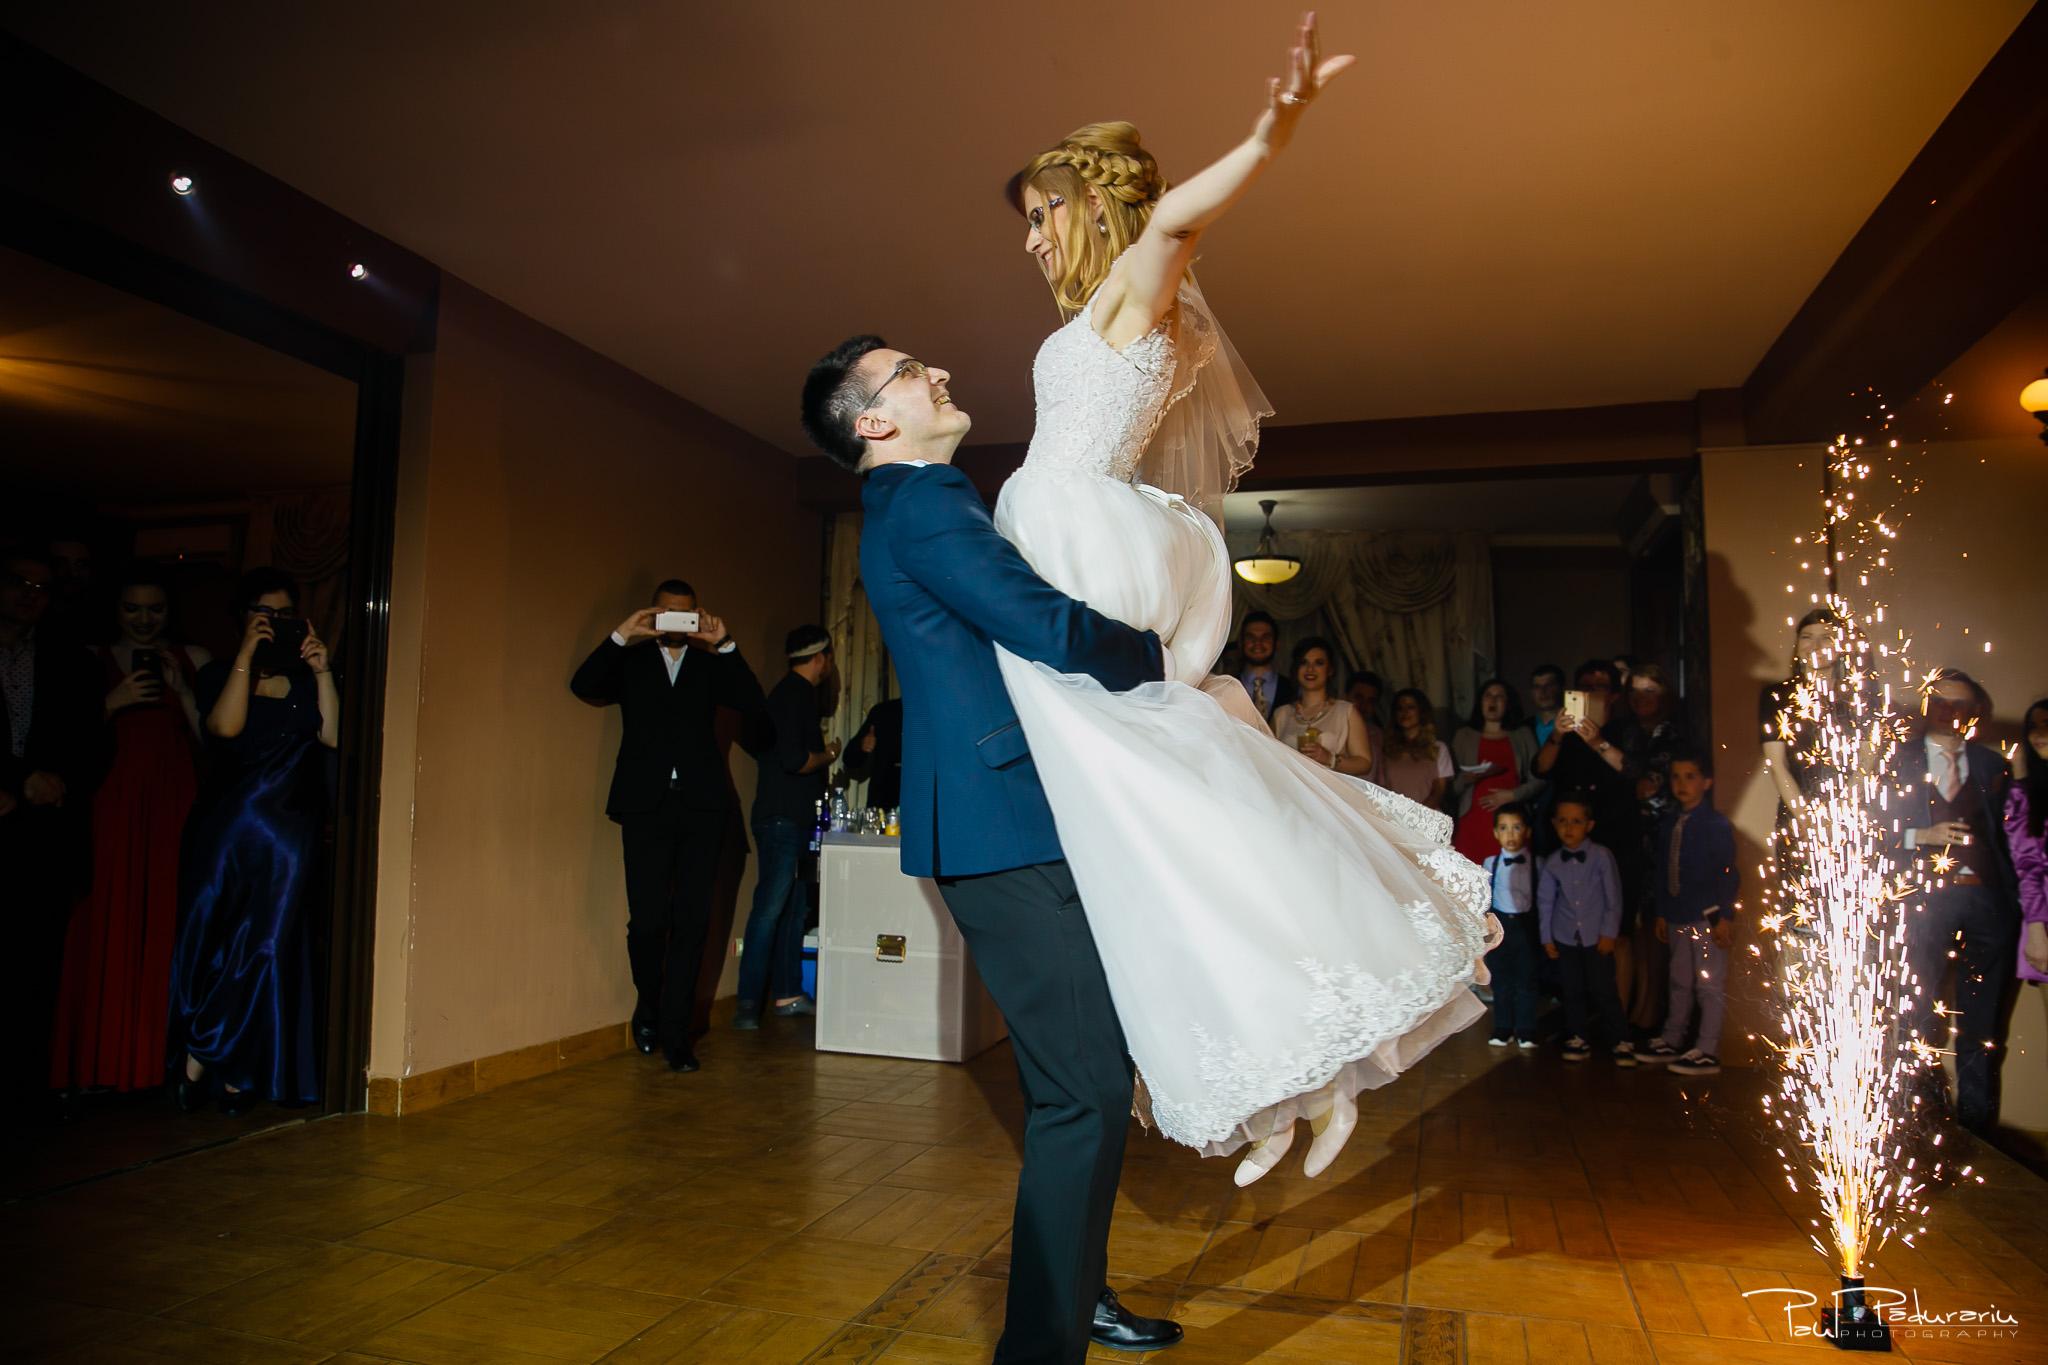 Anca si Razvan - Nunta Restaurant American Iasi decoratiuni sala - dansul mirilor 1 - Paul Padurariu fotograf profesionist nunta iasi www.paulpadurariu.ro © 2018 Paul Padurariu